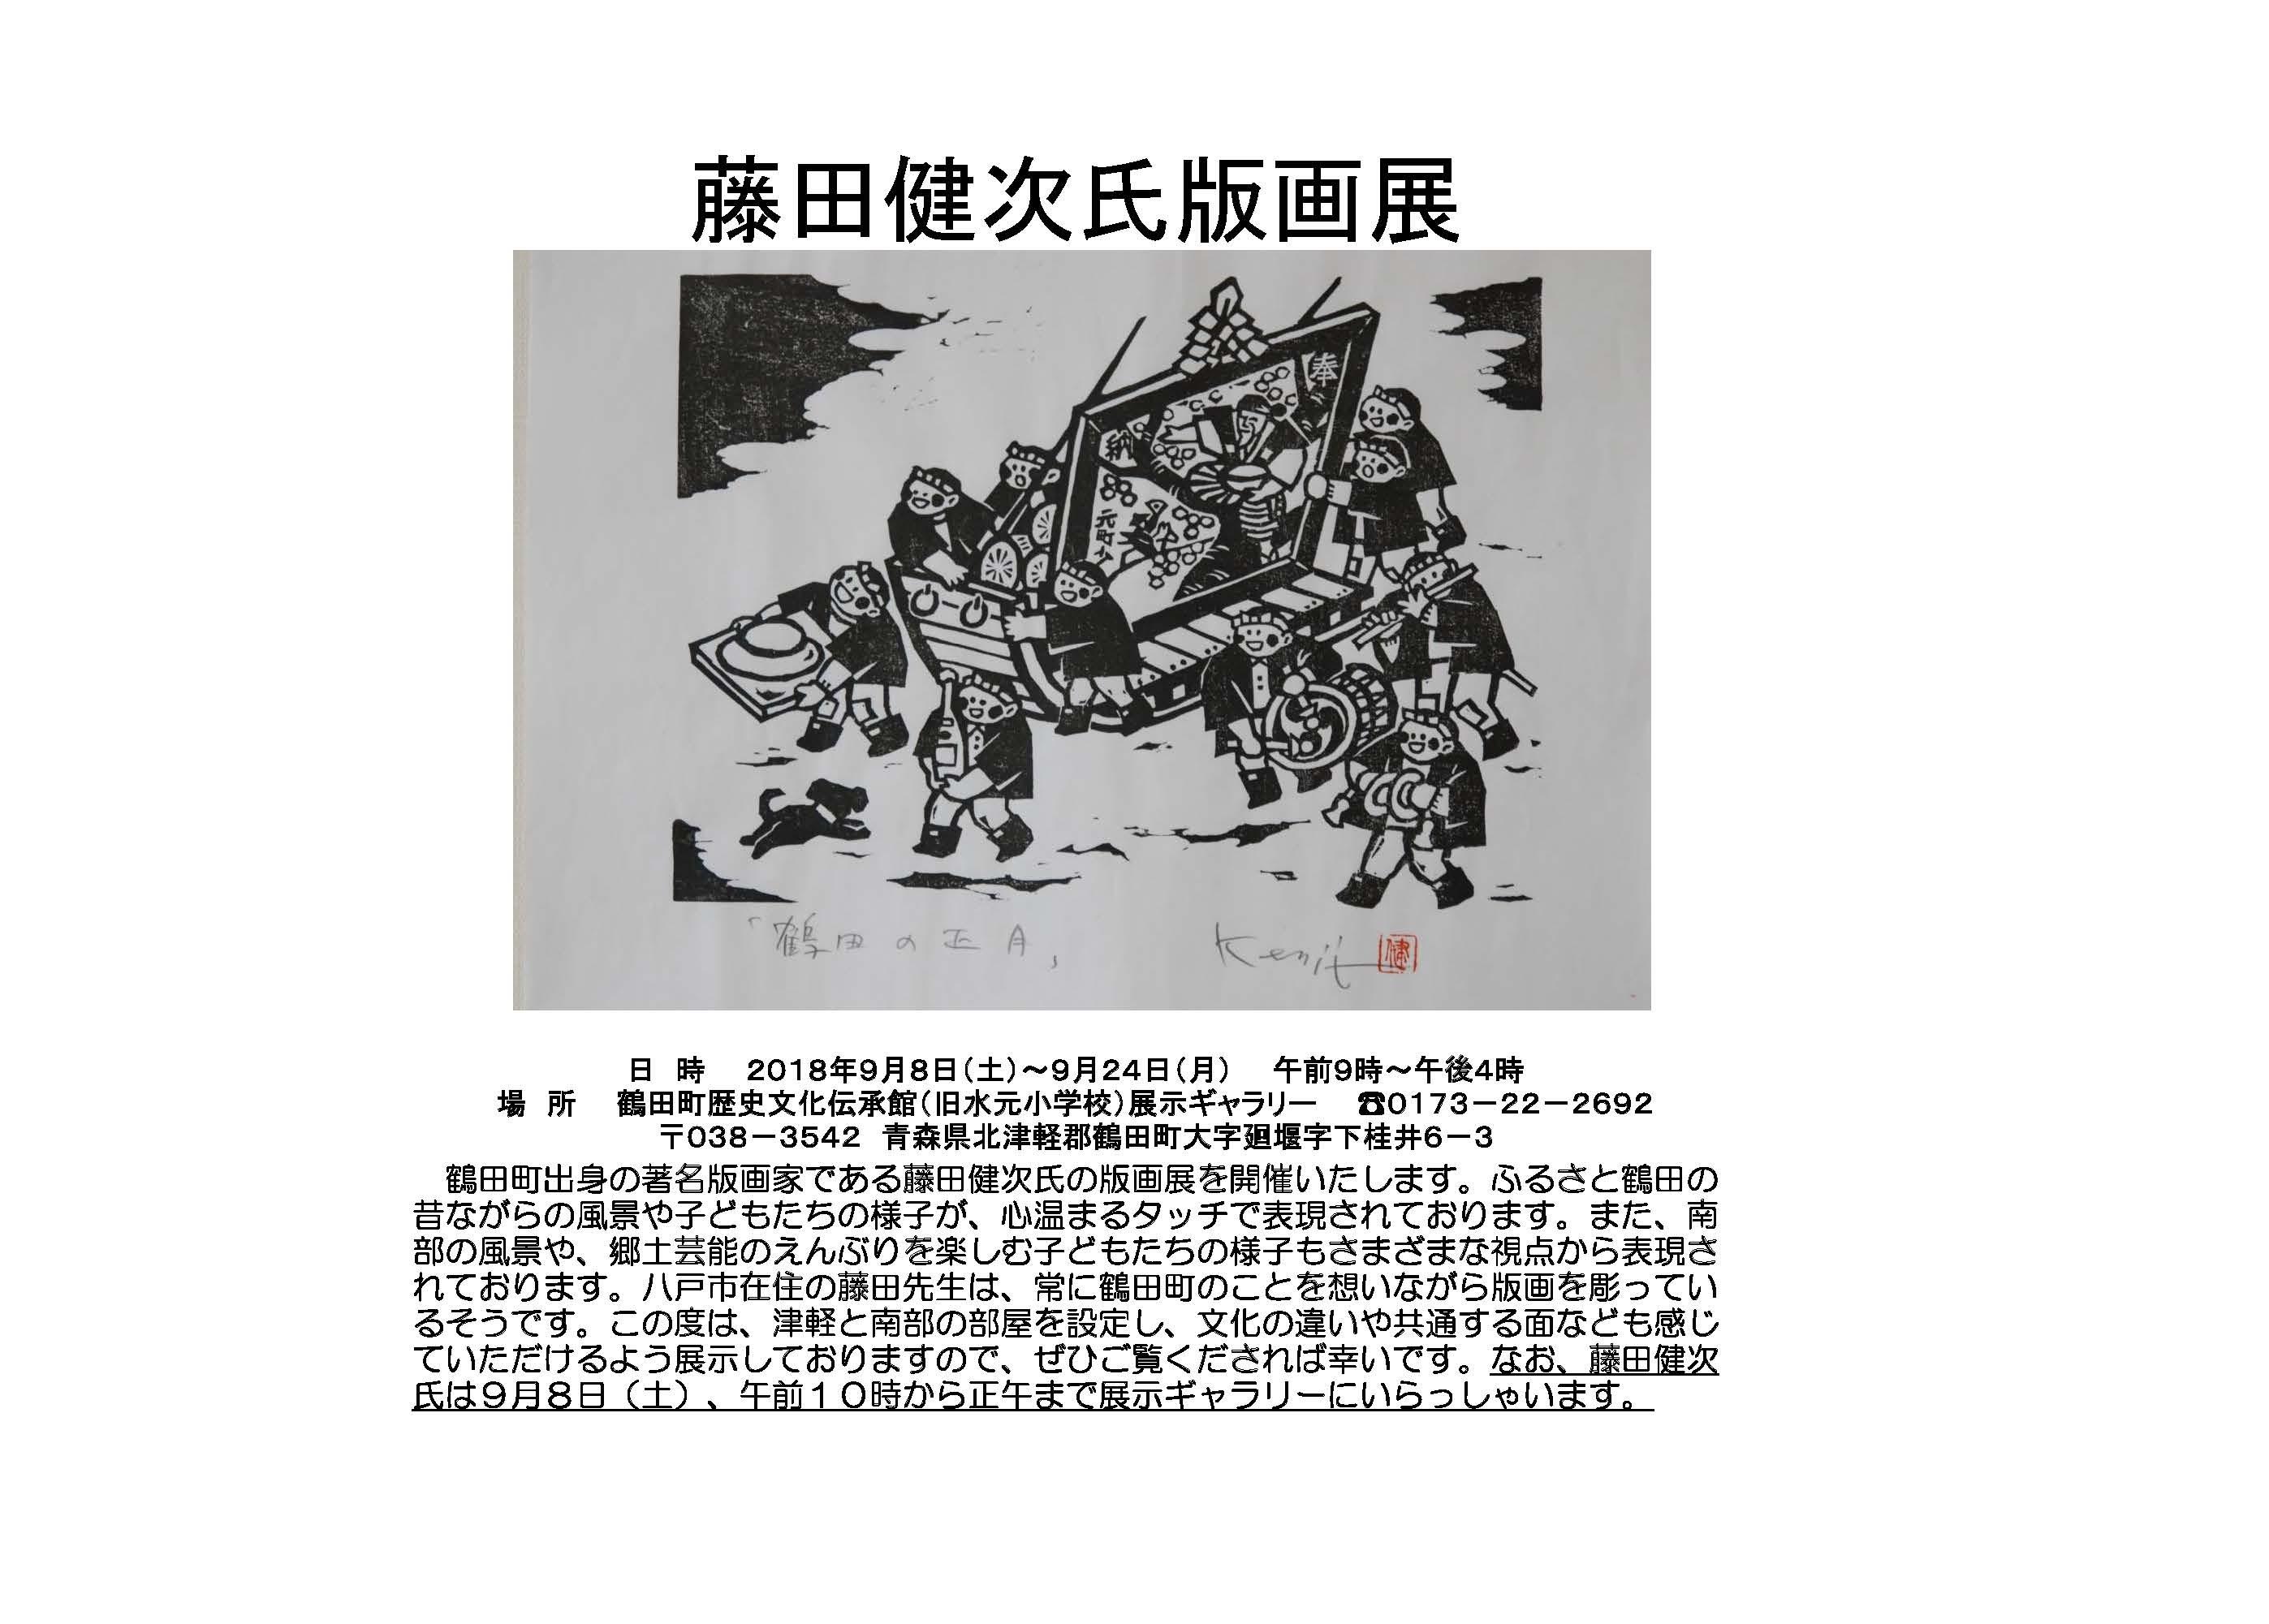 藤田健次氏 版画展